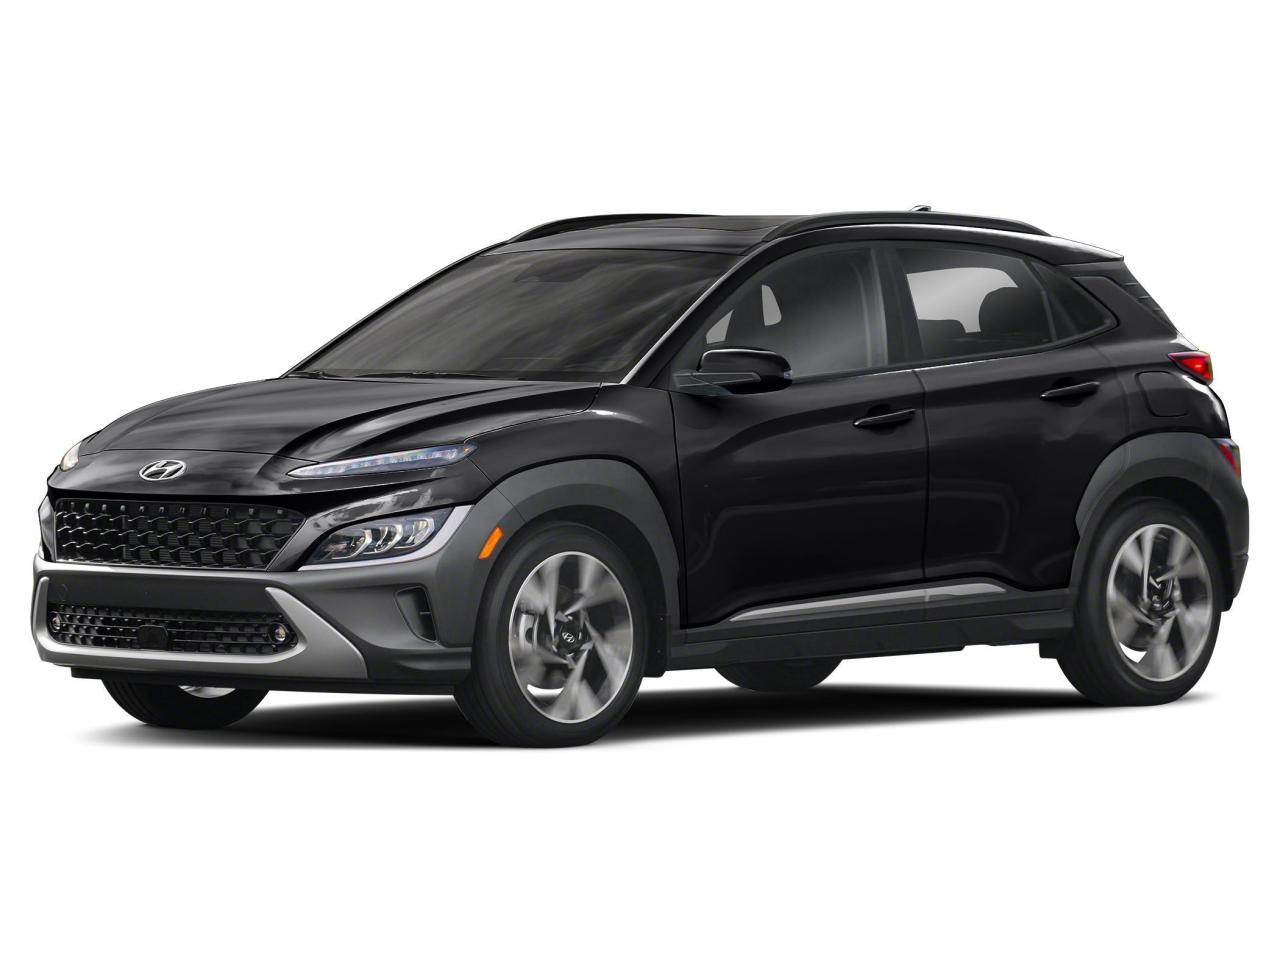 2022 Hyundai KONA 2.0L AWD Essential NO OPTIONS